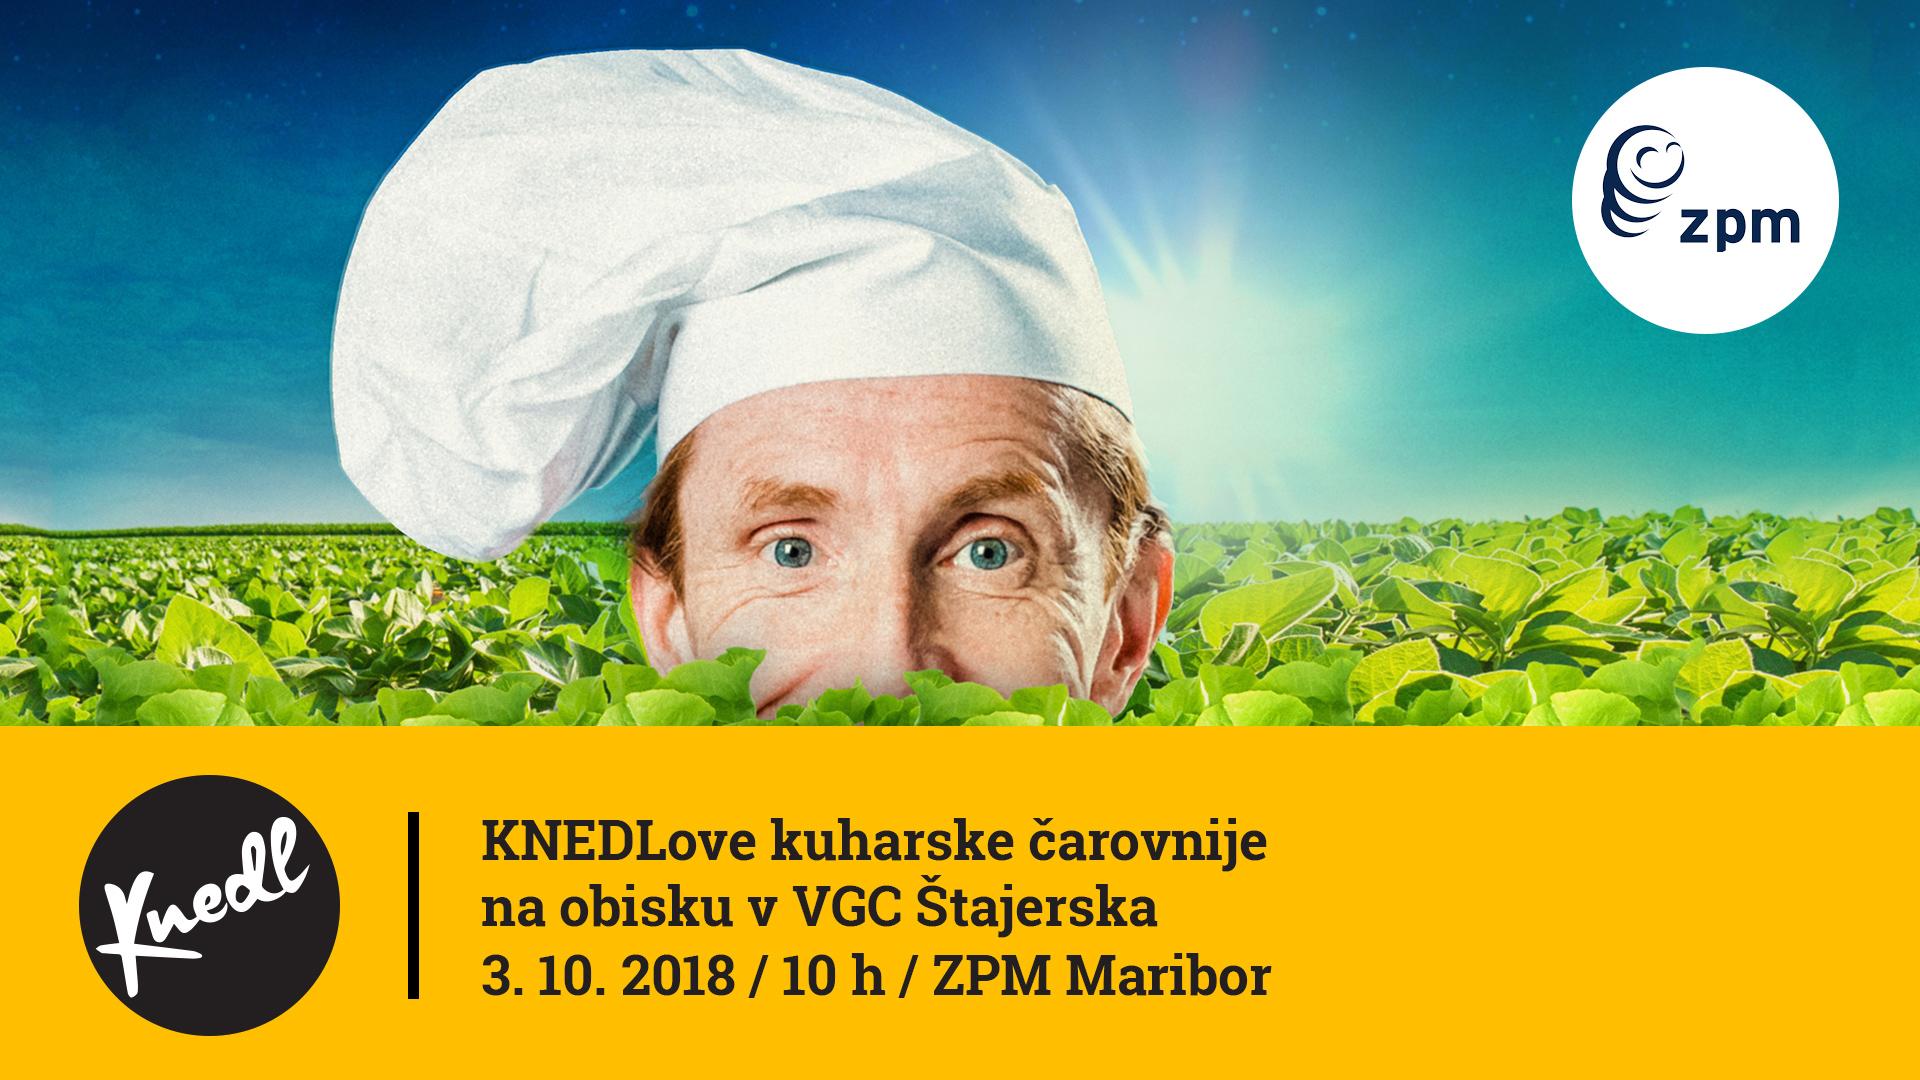 2018_10_03_KNEDLove_kuharske_carovnije_na_obisku_v_VGC_Štajerska.jpg